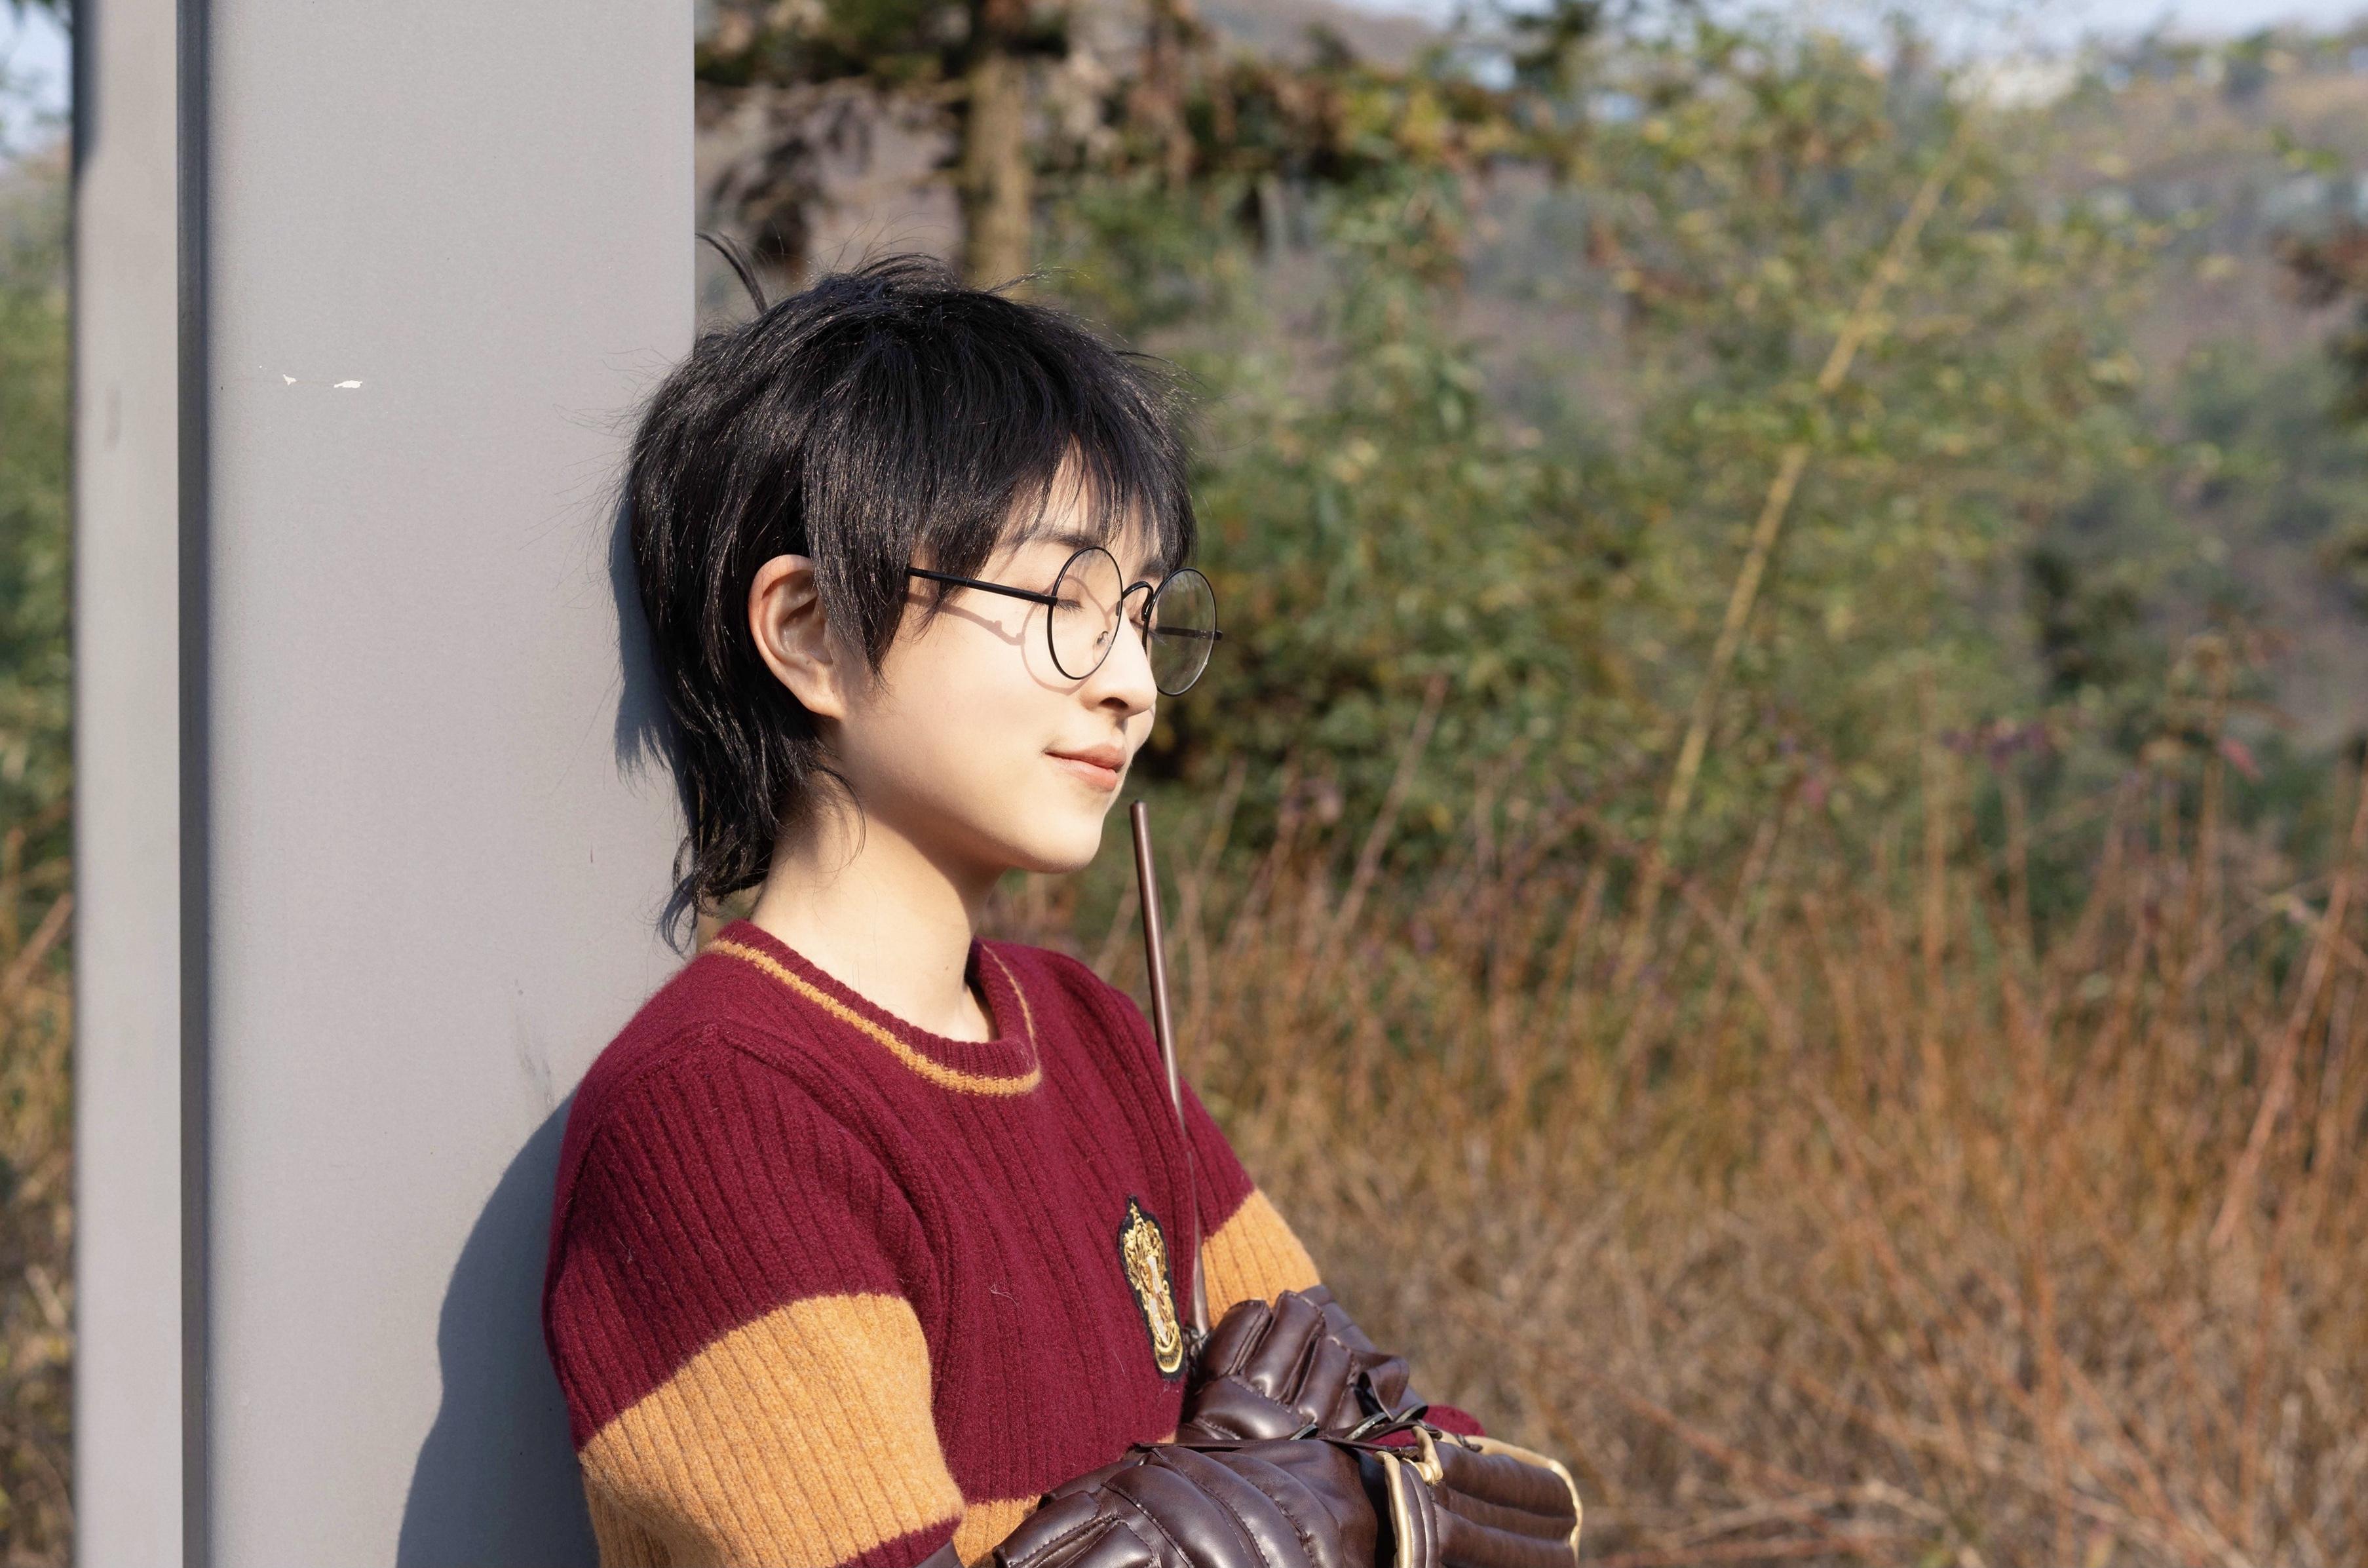 《哈利·波特》正片cosplay【CN:边境牧羊猫】-第3张